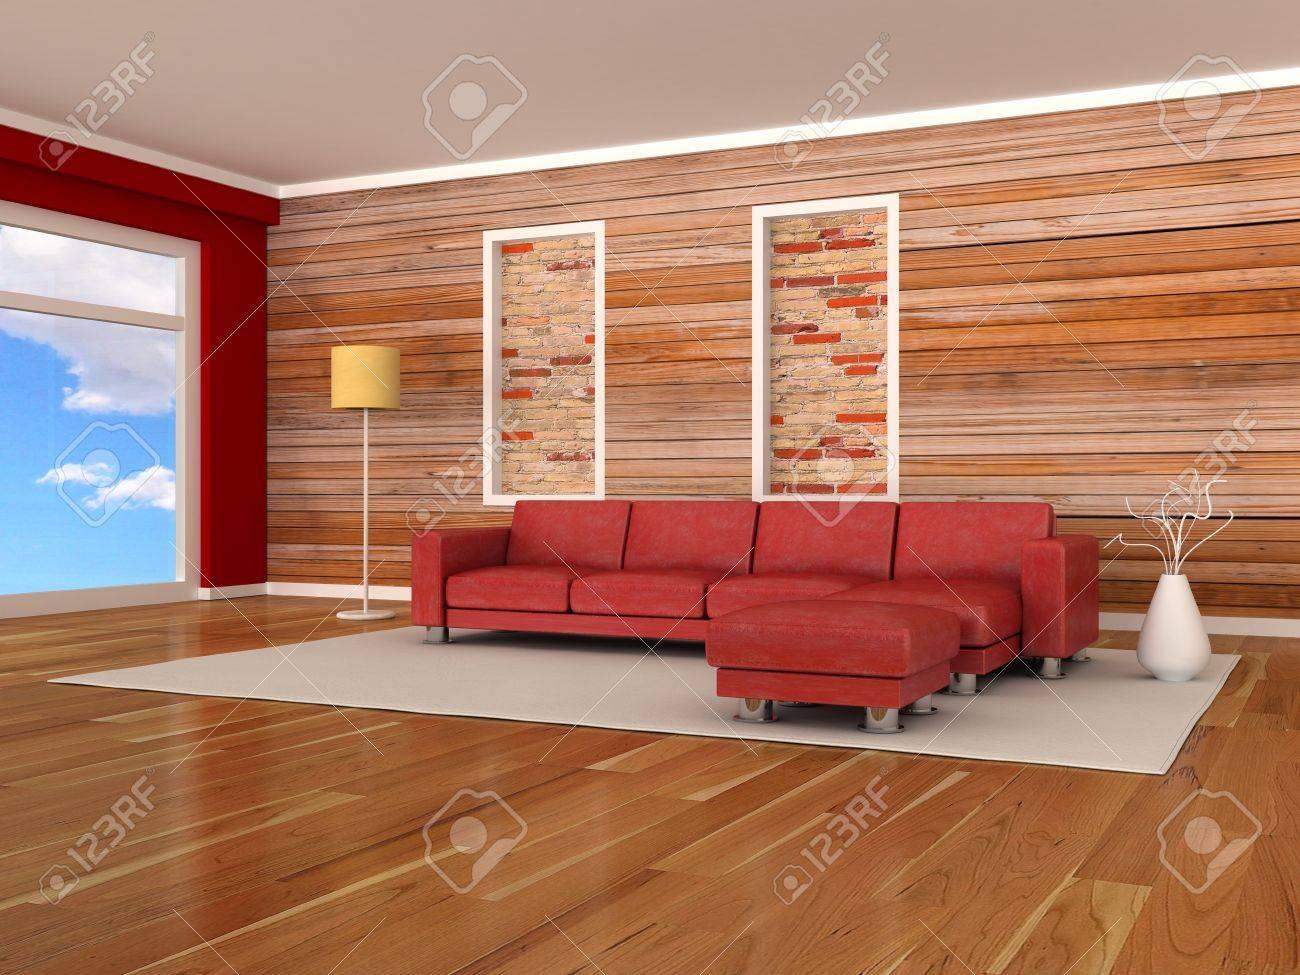 Intérieur De La Chambre Moderne, Le Mur De Bois, Le Canapé Rouge ...